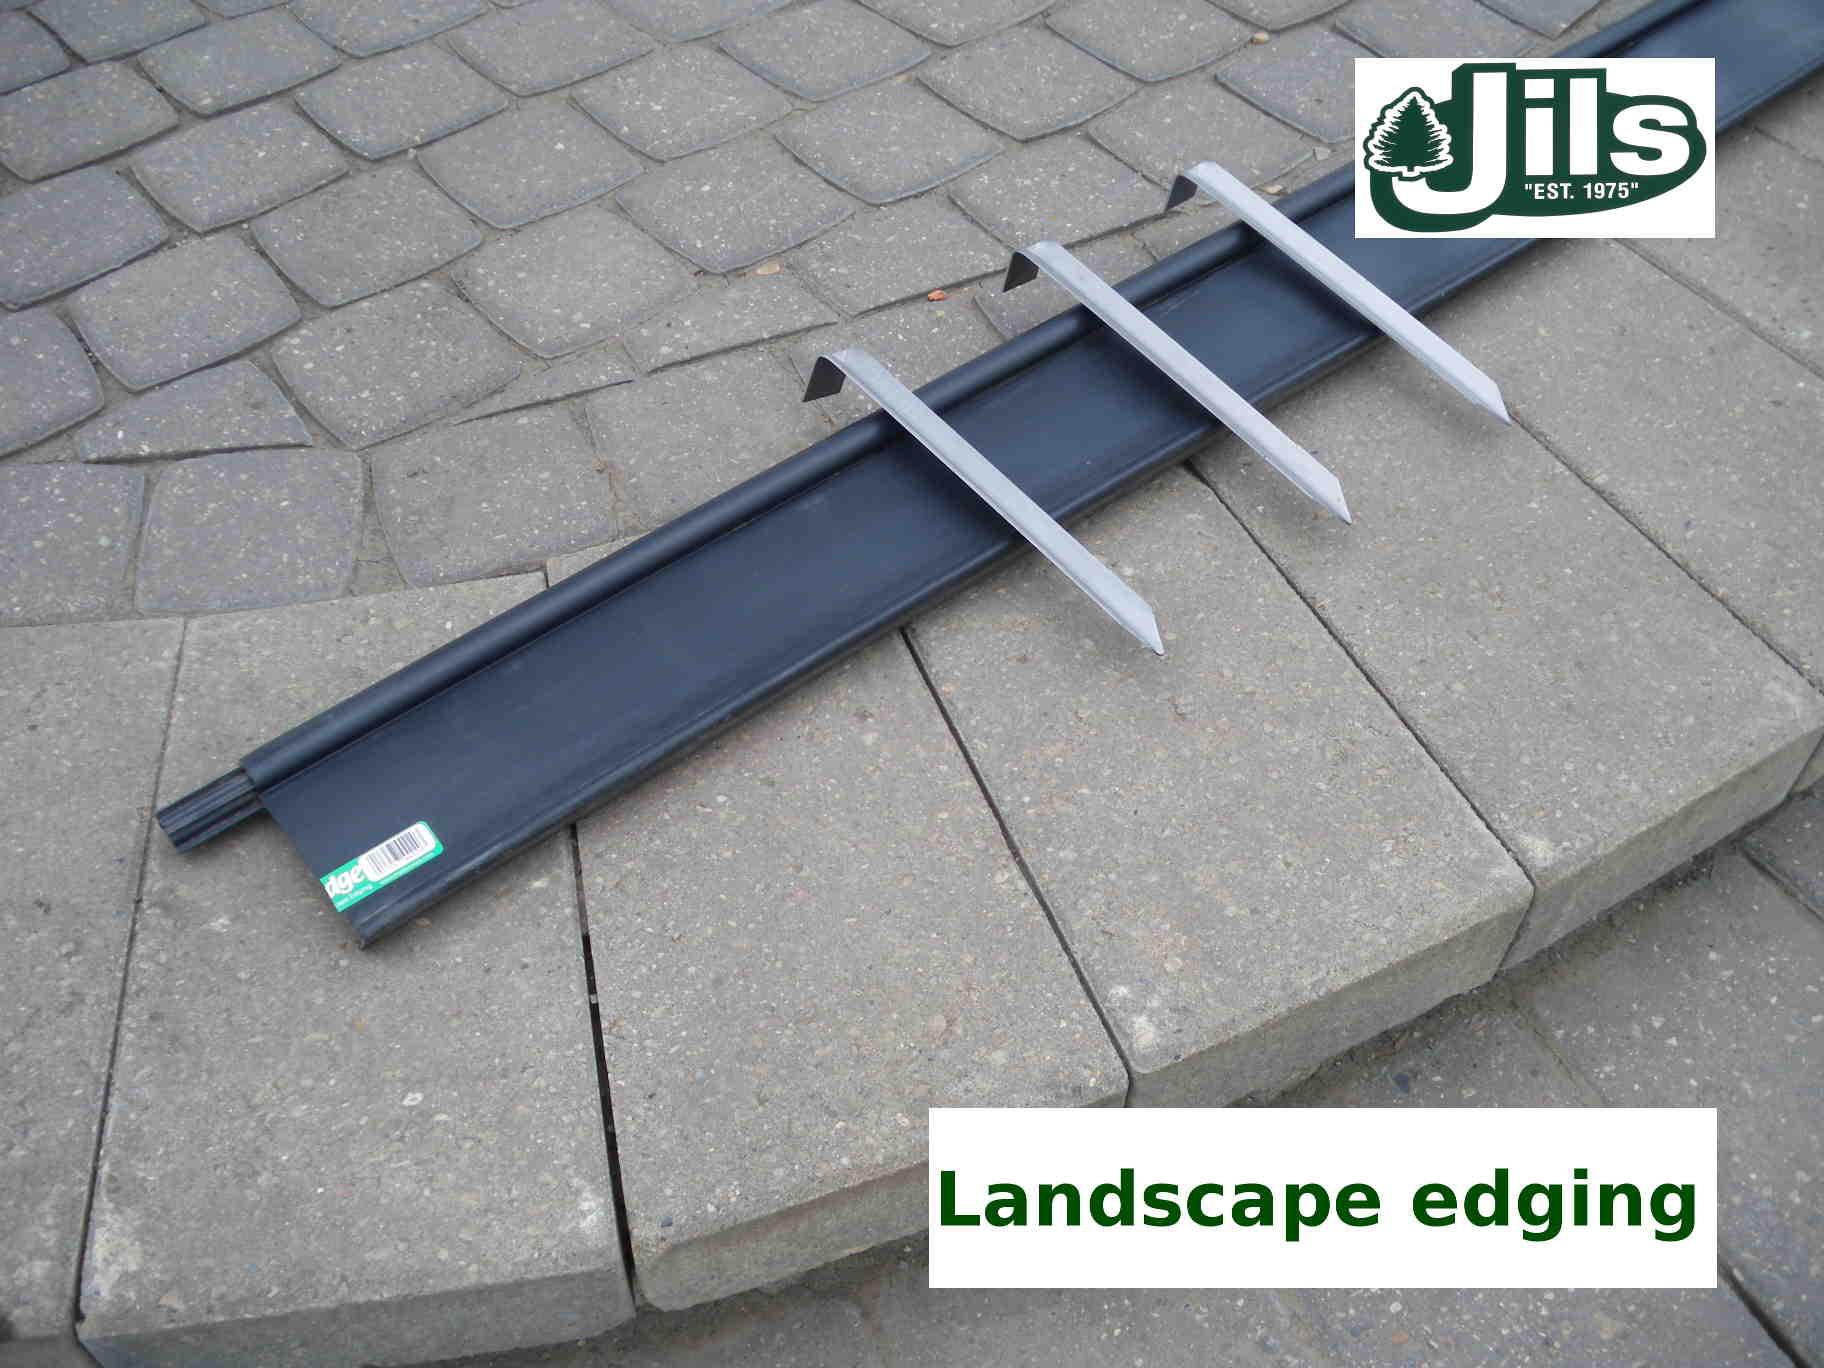 jils landscape supply | Edmonton | Sod & Other Landscape